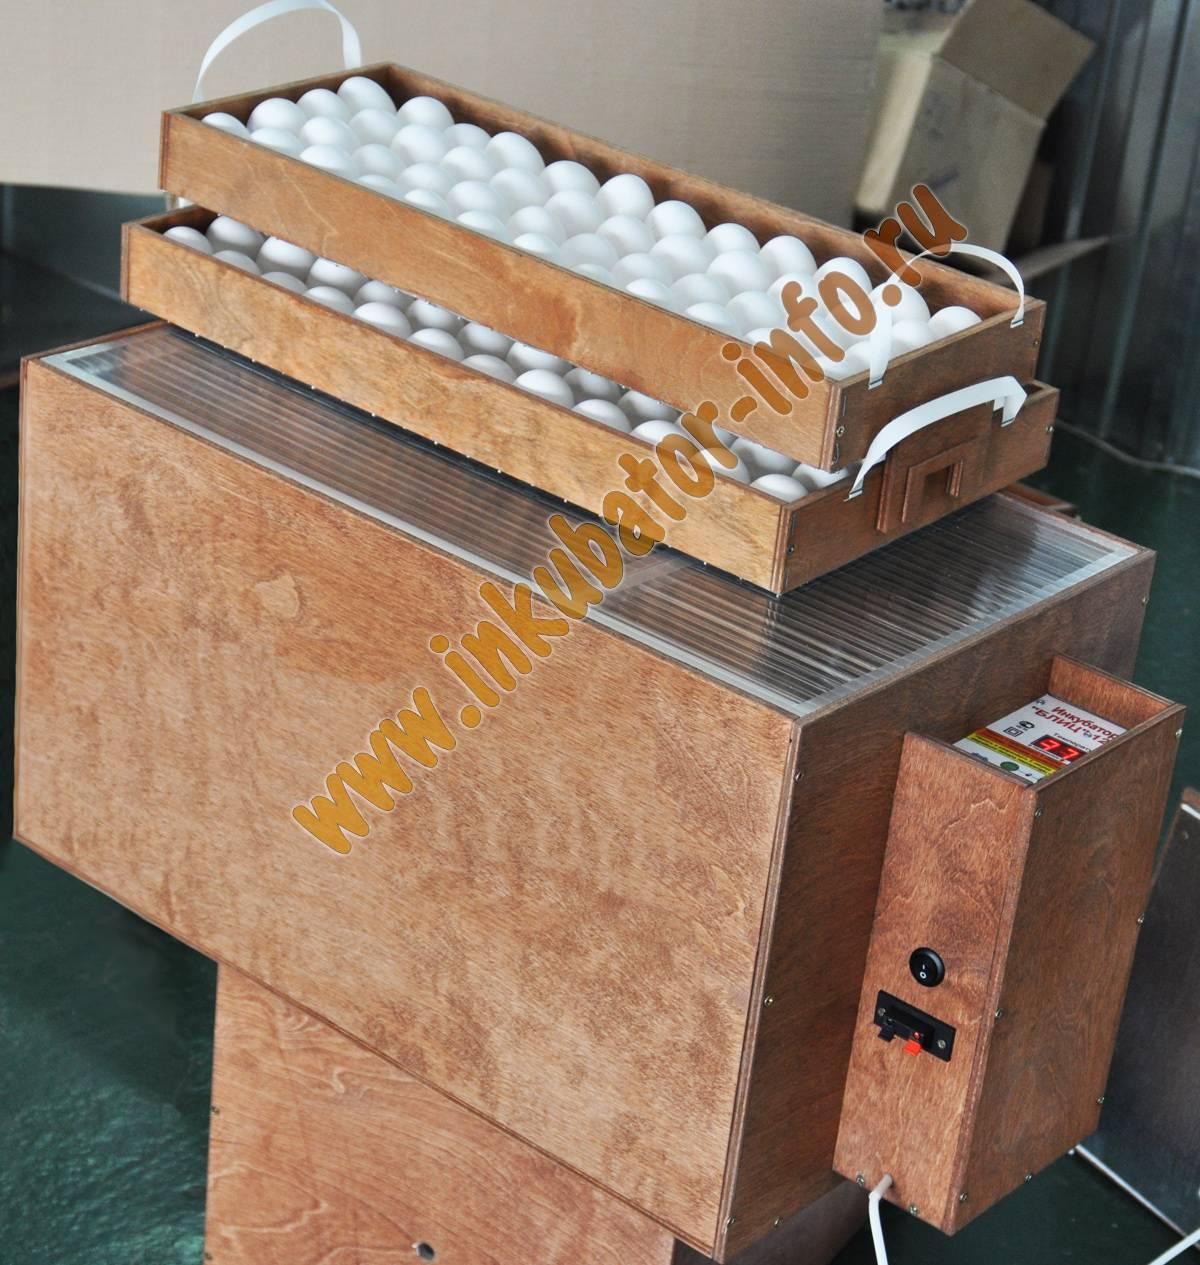 Инкубатор блиц норма — описание модели и инструкция по эксплуатации устройства